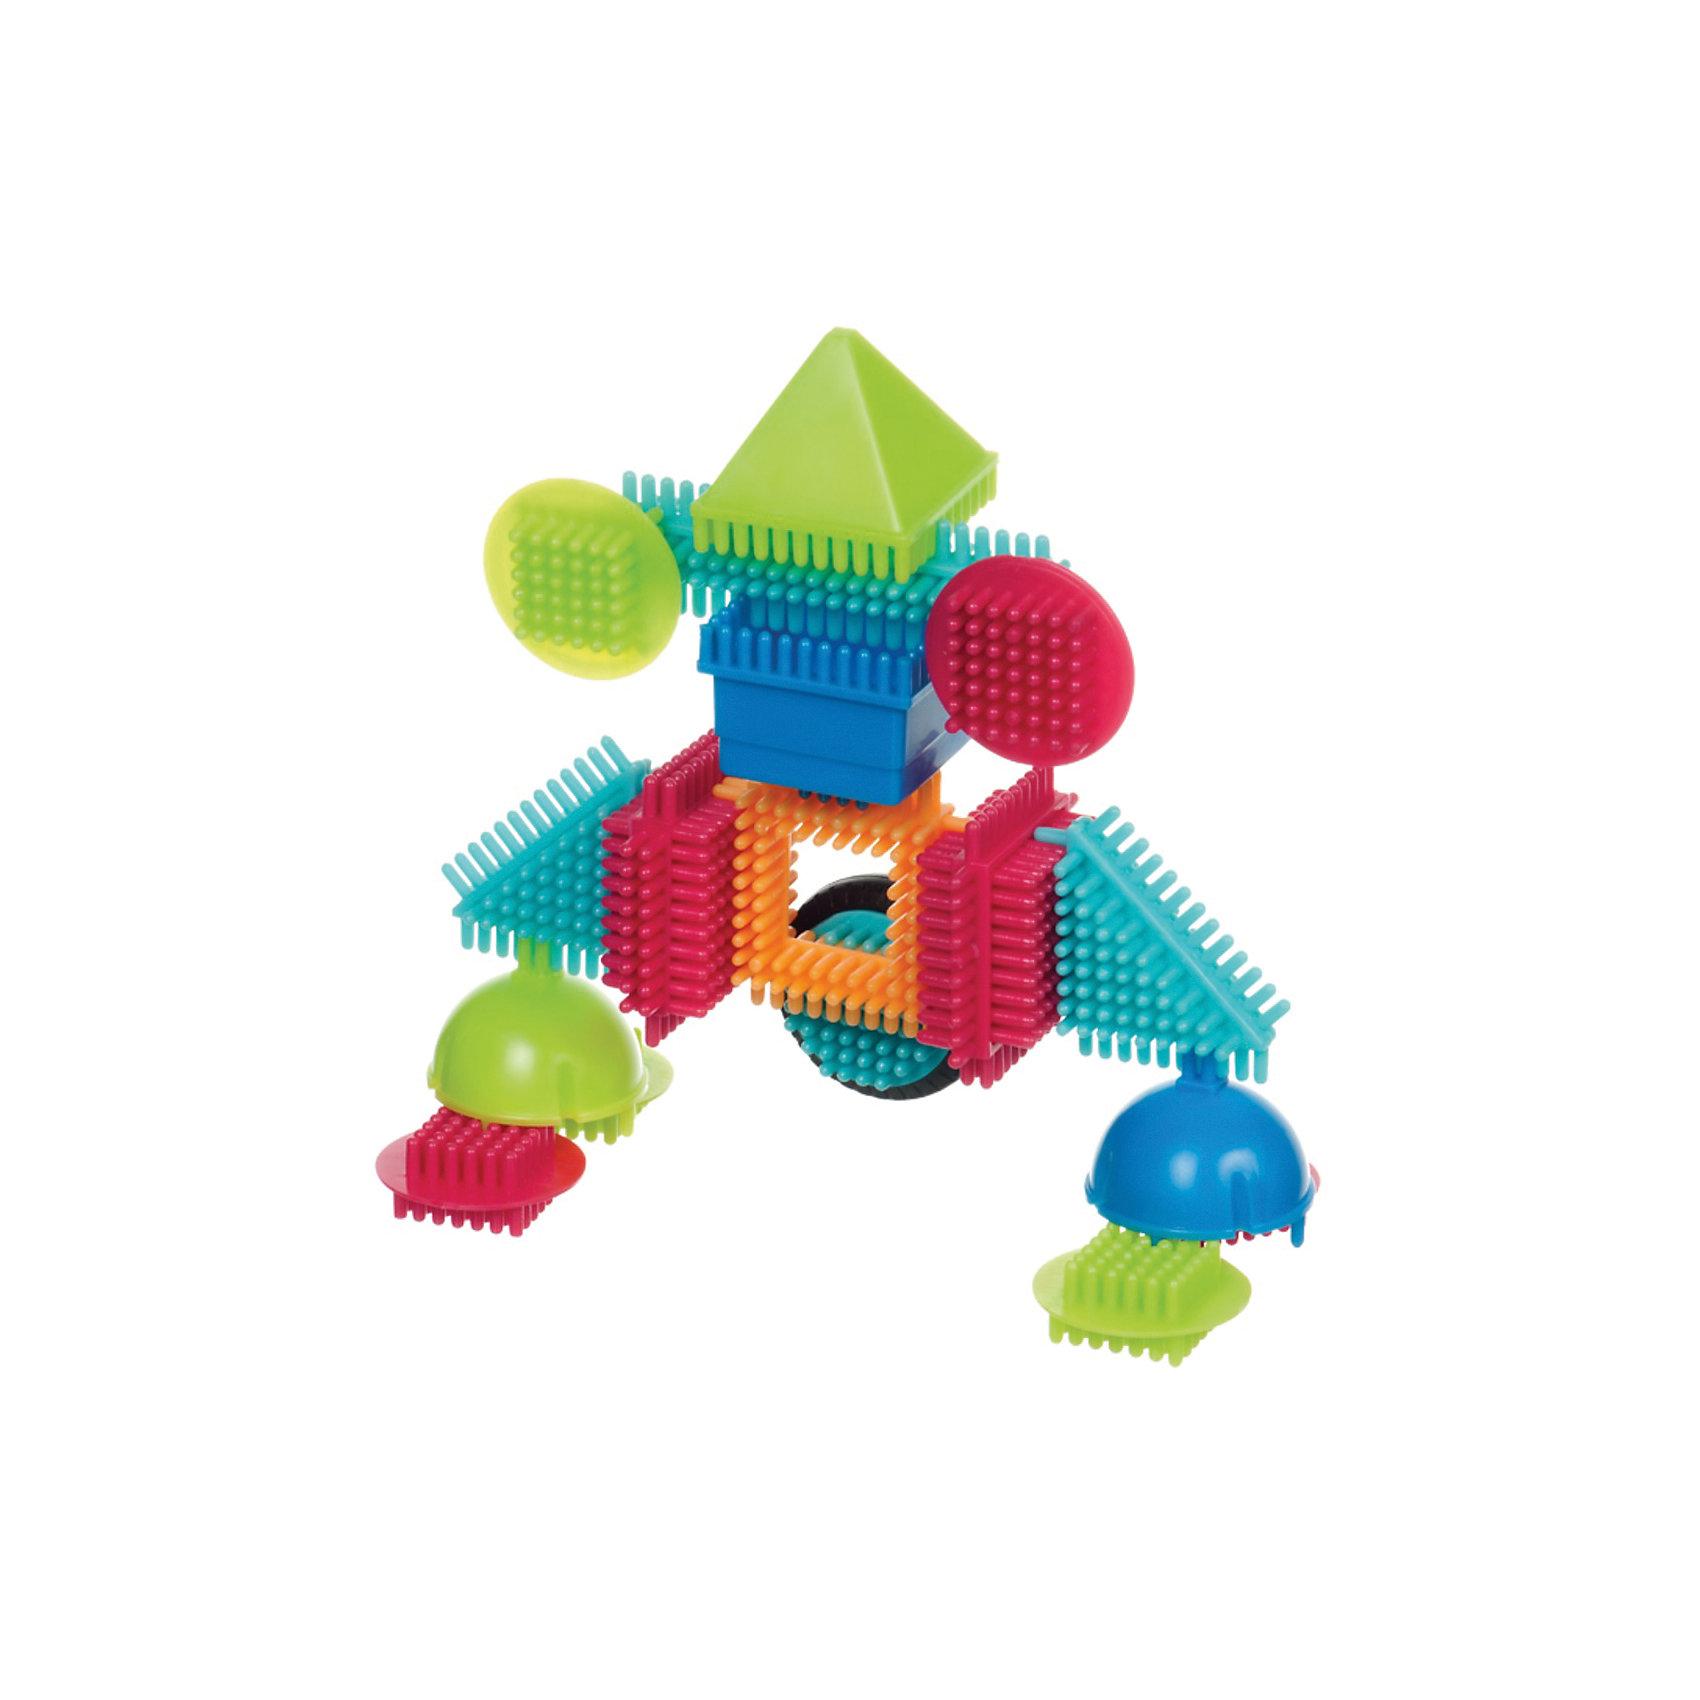 Конструктор игольчатый в коробке , 112 деталей, Bristle BlocksКонструктор игольчатый в коробке, 112 деталей, Bristle Blocks, Battat – оригинальный конструктор от канадского кампании Battat. Оригинальность конструктора заключается в его форме: все элементы имеют игольчатую поверхность. Так называемые, иголки абсолютно безопасны, они имеют закругленную форму. Кроме того, иголки являются способом закрепления деталей конструктора между собой. Набор выполнен из экологически безопасного пластика, окрашенного в яркие цвета, предназначен для детей от 2-х лет. Все элементы конструктора устойчивы к механическим повреждениям и изменению цвета.<br>Конструктор игольчатый в коробке, 112 деталей, Bristle Blocks, Battat состоит 112 разноцветных элементов, которые позволяют конструировать различные предметы, строения и фигуры. В комплекте имеются квадратные, треугольные, прямоугольные и круглые элементы, а также 9 фигурок. В комплекте имеется инструкция по сборке конструктора. Конструктор упакован в картонную коробку. <br>Конструктор игольчатый в коробке, 112 деталей, Bristle Blocks, Battat способствует развитию координации движений, пространственному и логическому мышлению. Благодаря особенной форме конструктора, в процессе игры массируются подушечки пальчиков, что способствует развитию их чувствительности.<br><br>Дополнительная информация:<br><br>- Вид игр: конструирование<br>- Предназначение: для дома, для детского сада<br>- Материал: пластик в сочетании с латексом<br>- Комплектация: 112 элементов, буклет-инструкция<br>- Размеры (Д*Ш*В): 35,5*7,5*31,5 см<br>- Вес всего набора: 1 кг 210 г<br>- Пол: для мальчиков/для девочек<br>- Особенности ухода: можно мыть в теплой мыльной воде<br><br>Подробнее:<br><br>• Для детей в возрасте: от 2 лет <br>• Страна производитель: Китай<br>• Торговый бренд: B DOT<br><br>Конструктор игольчатый в коробке, 112 деталей, Bristle Blocks, Battat  можно купить в нашем интернет-магазине.<br><br>Ширина мм: 31<br>Глубина мм: 35<br>Высота мм: 7<br>Вес г: 1400